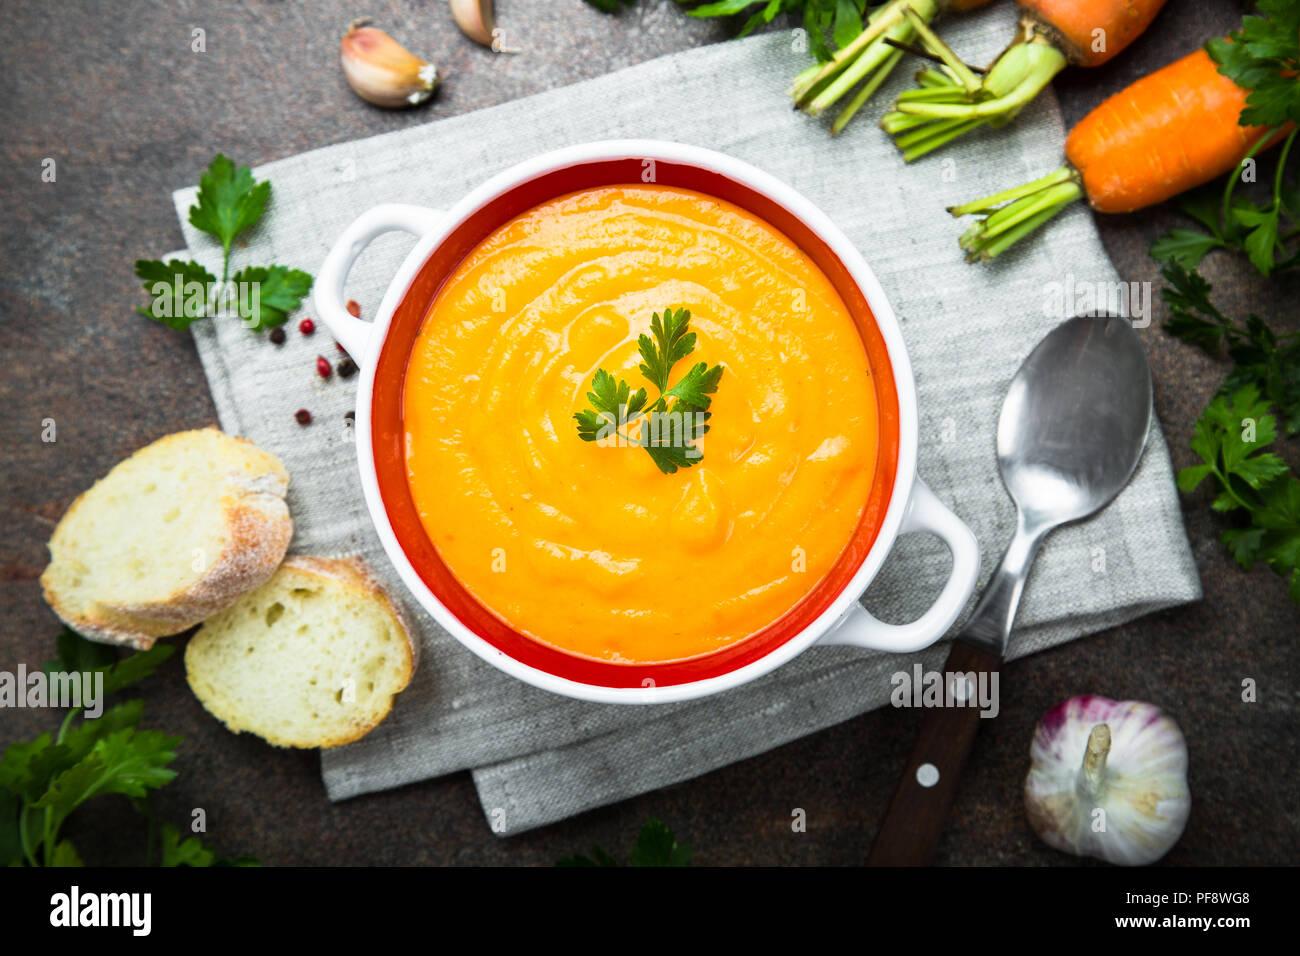 La carota Crema di zucca-zuppa su pietra scura tabella. Vegetariano zuppa di verdure. Vista dall'alto. Immagini Stock